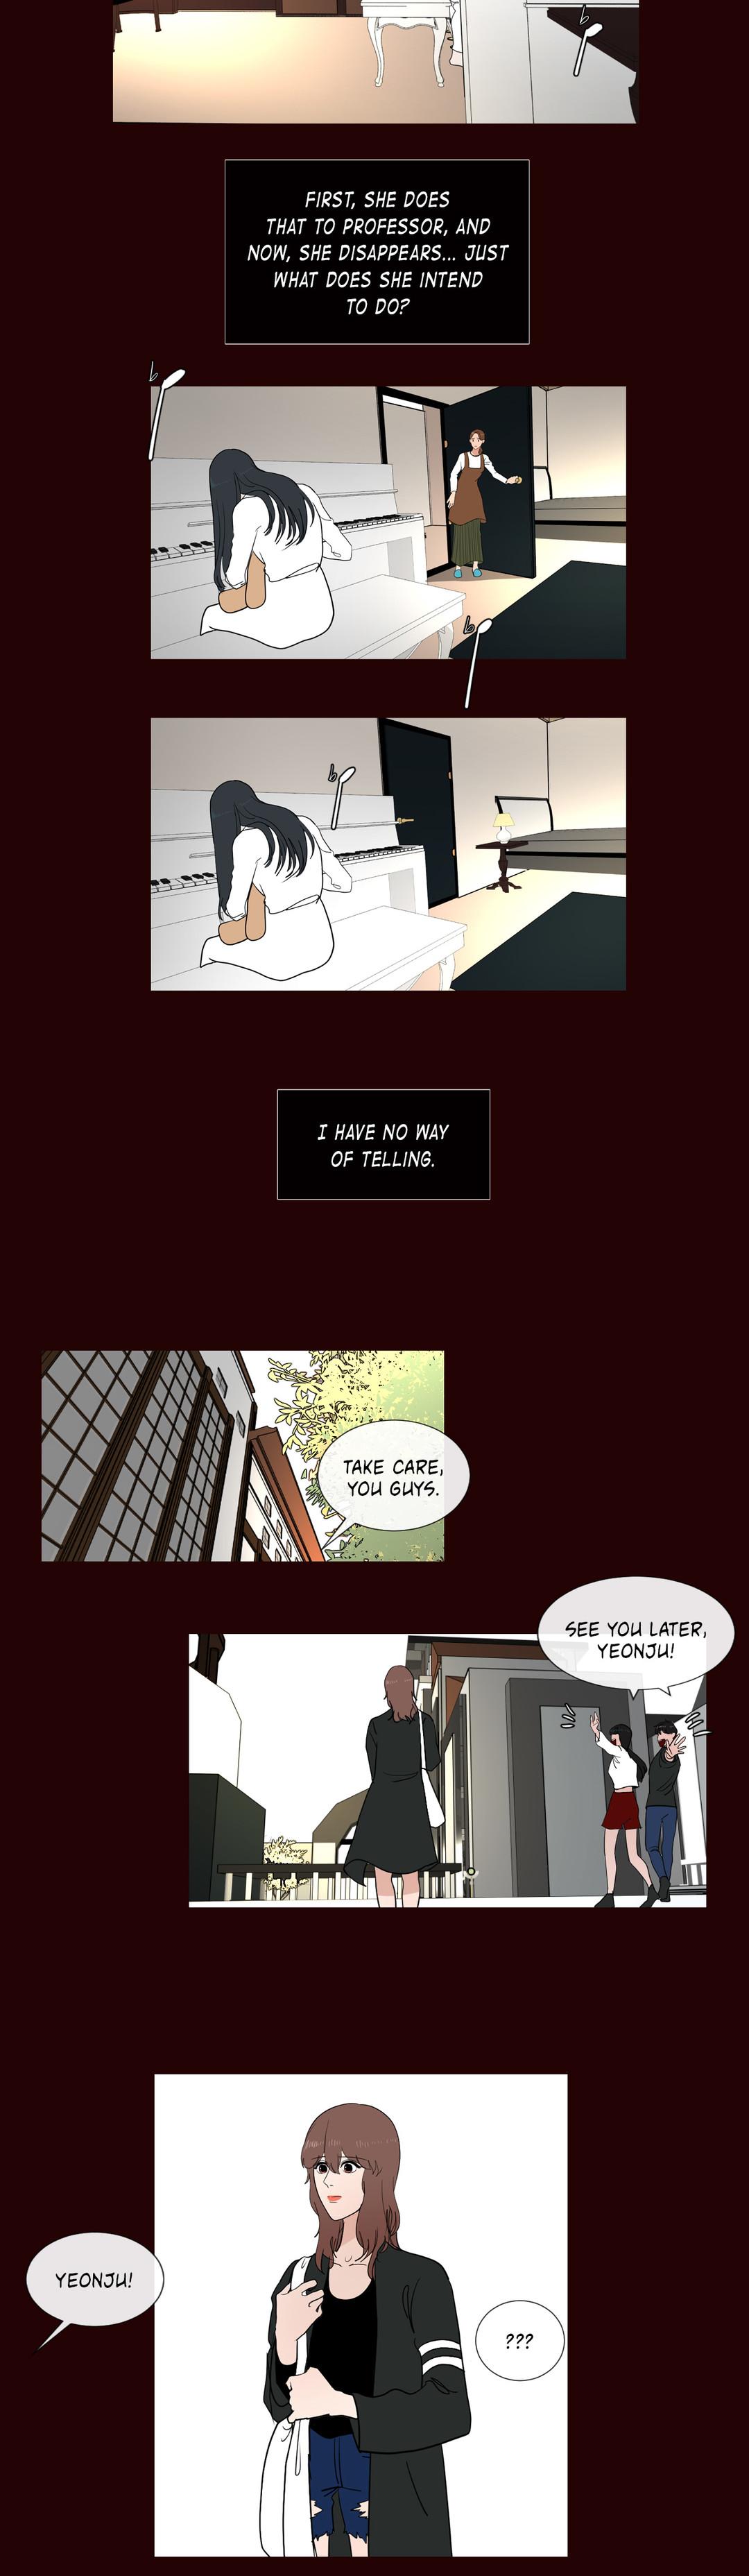 Serenade (keum Kyesoo) - Chapter 69